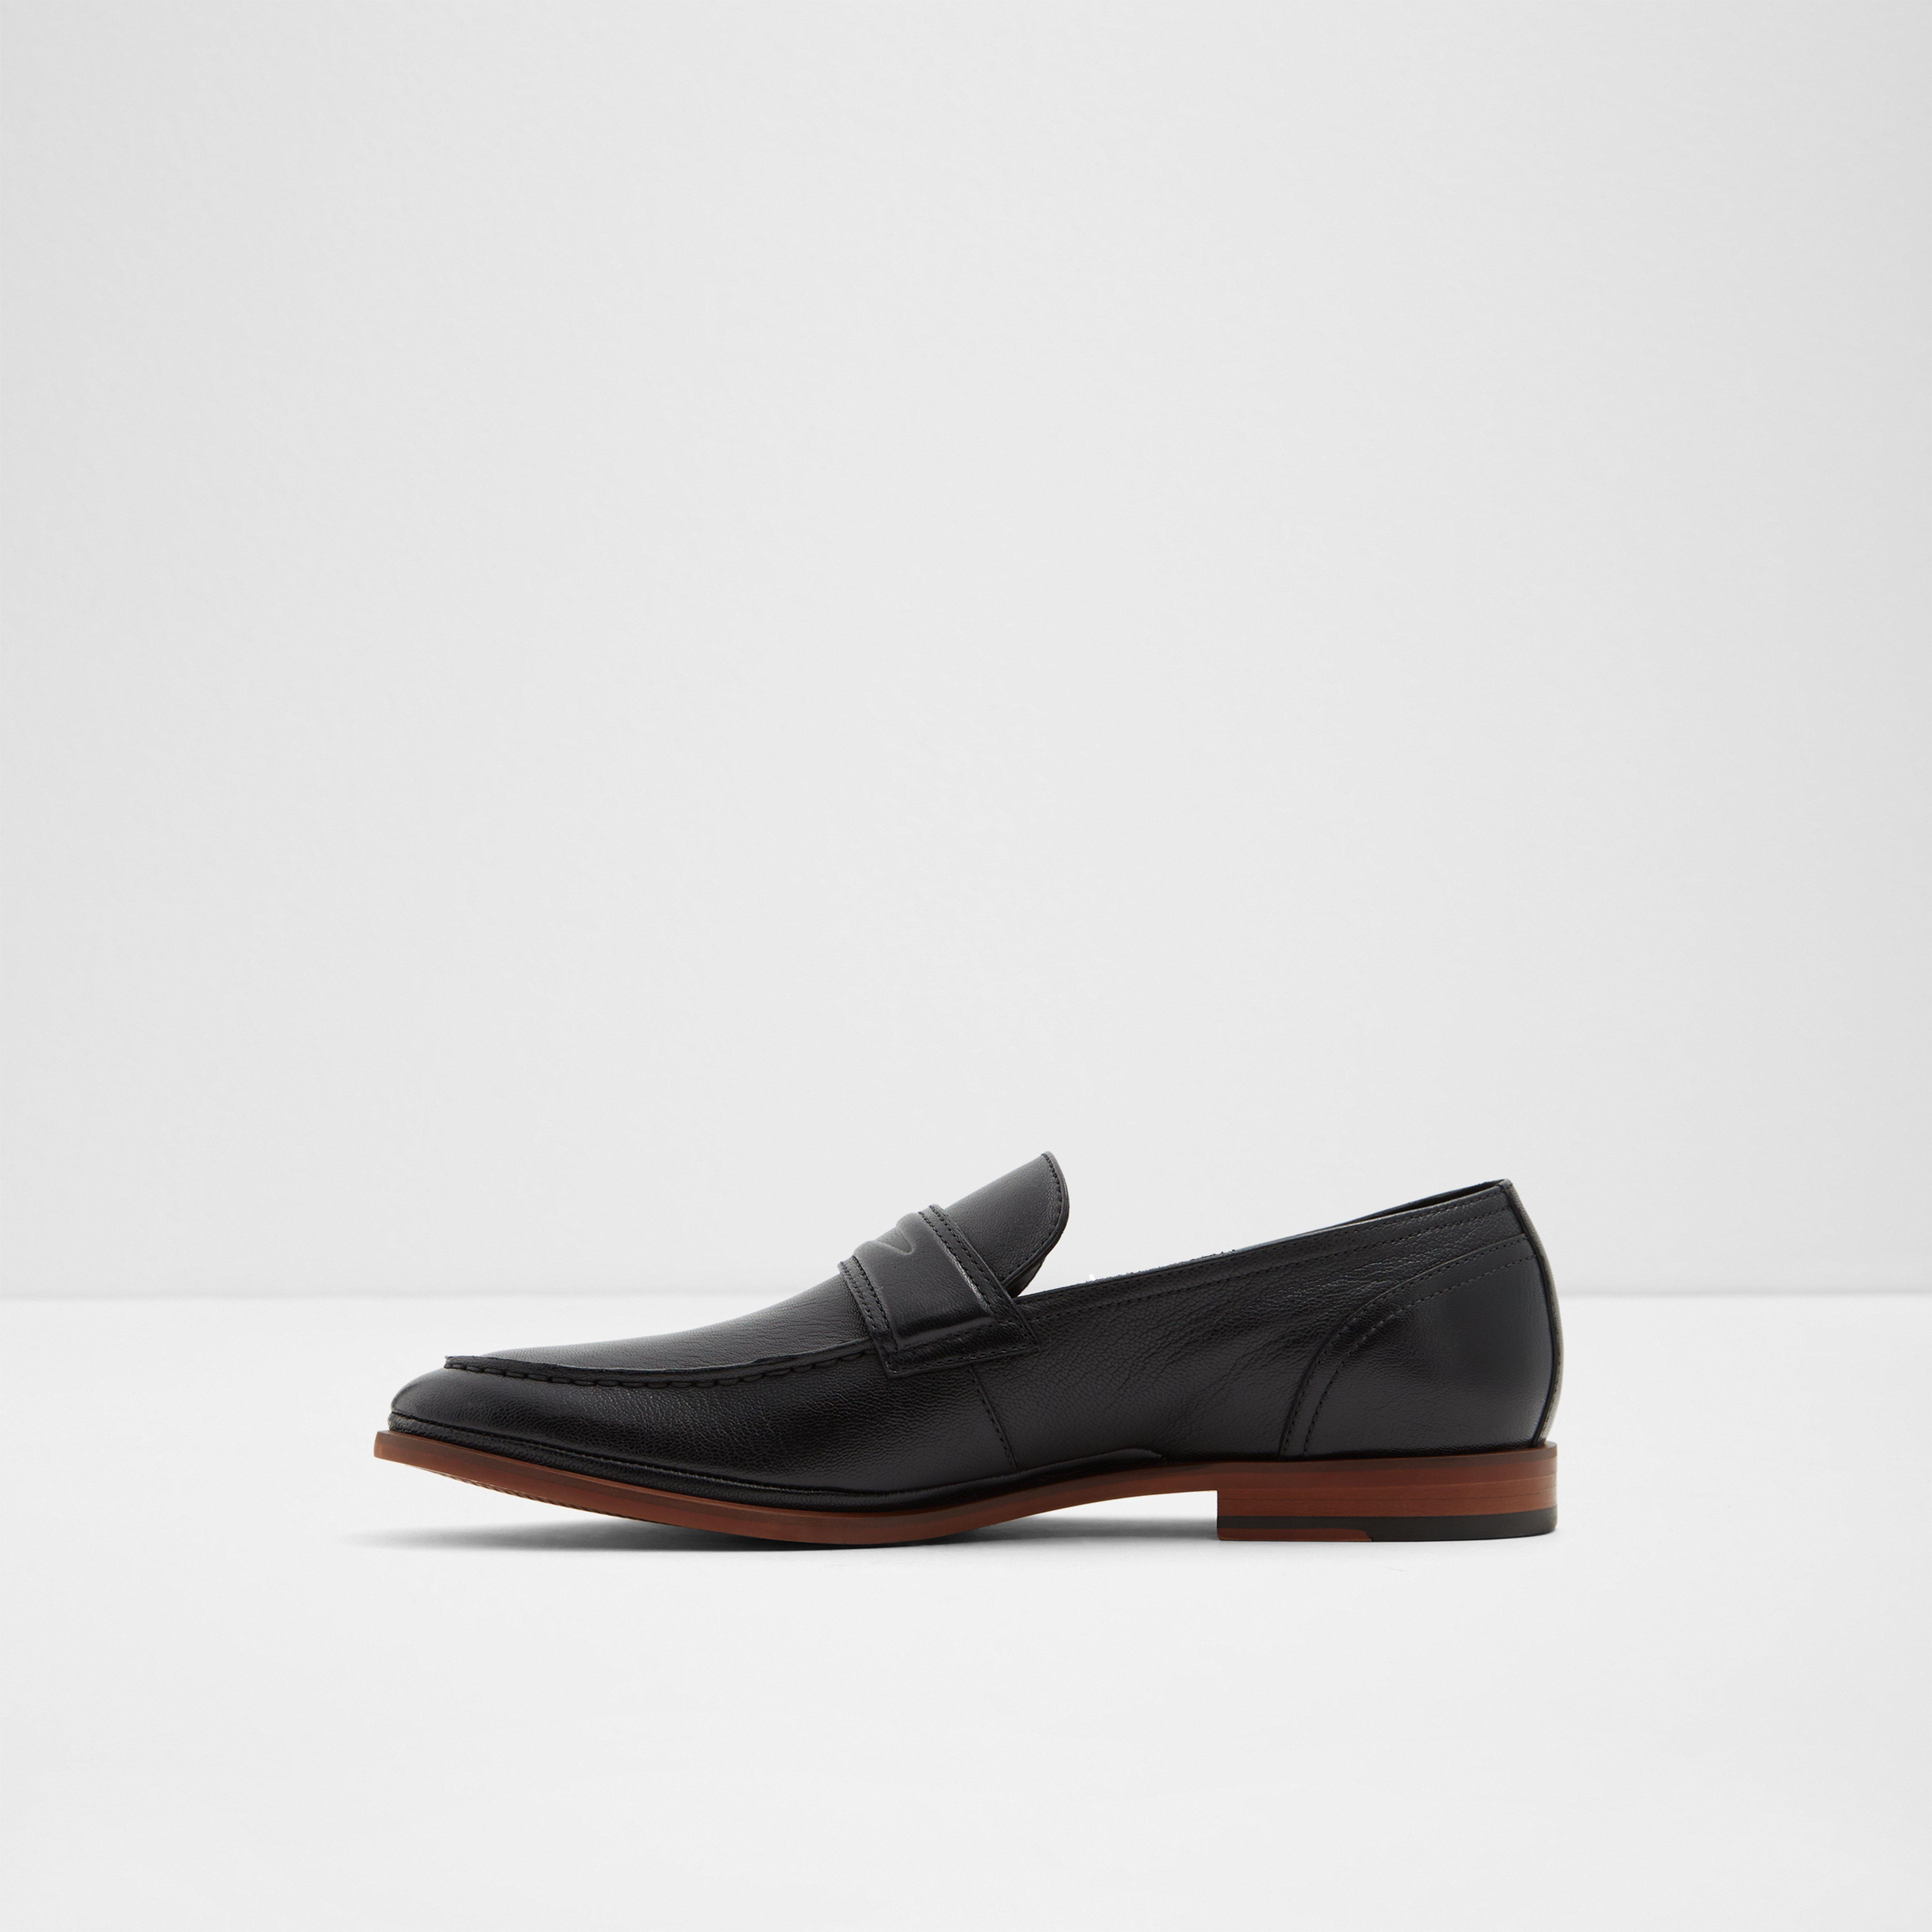 52a8cae8974 Lyst - ALDO Prelima in Black for Men